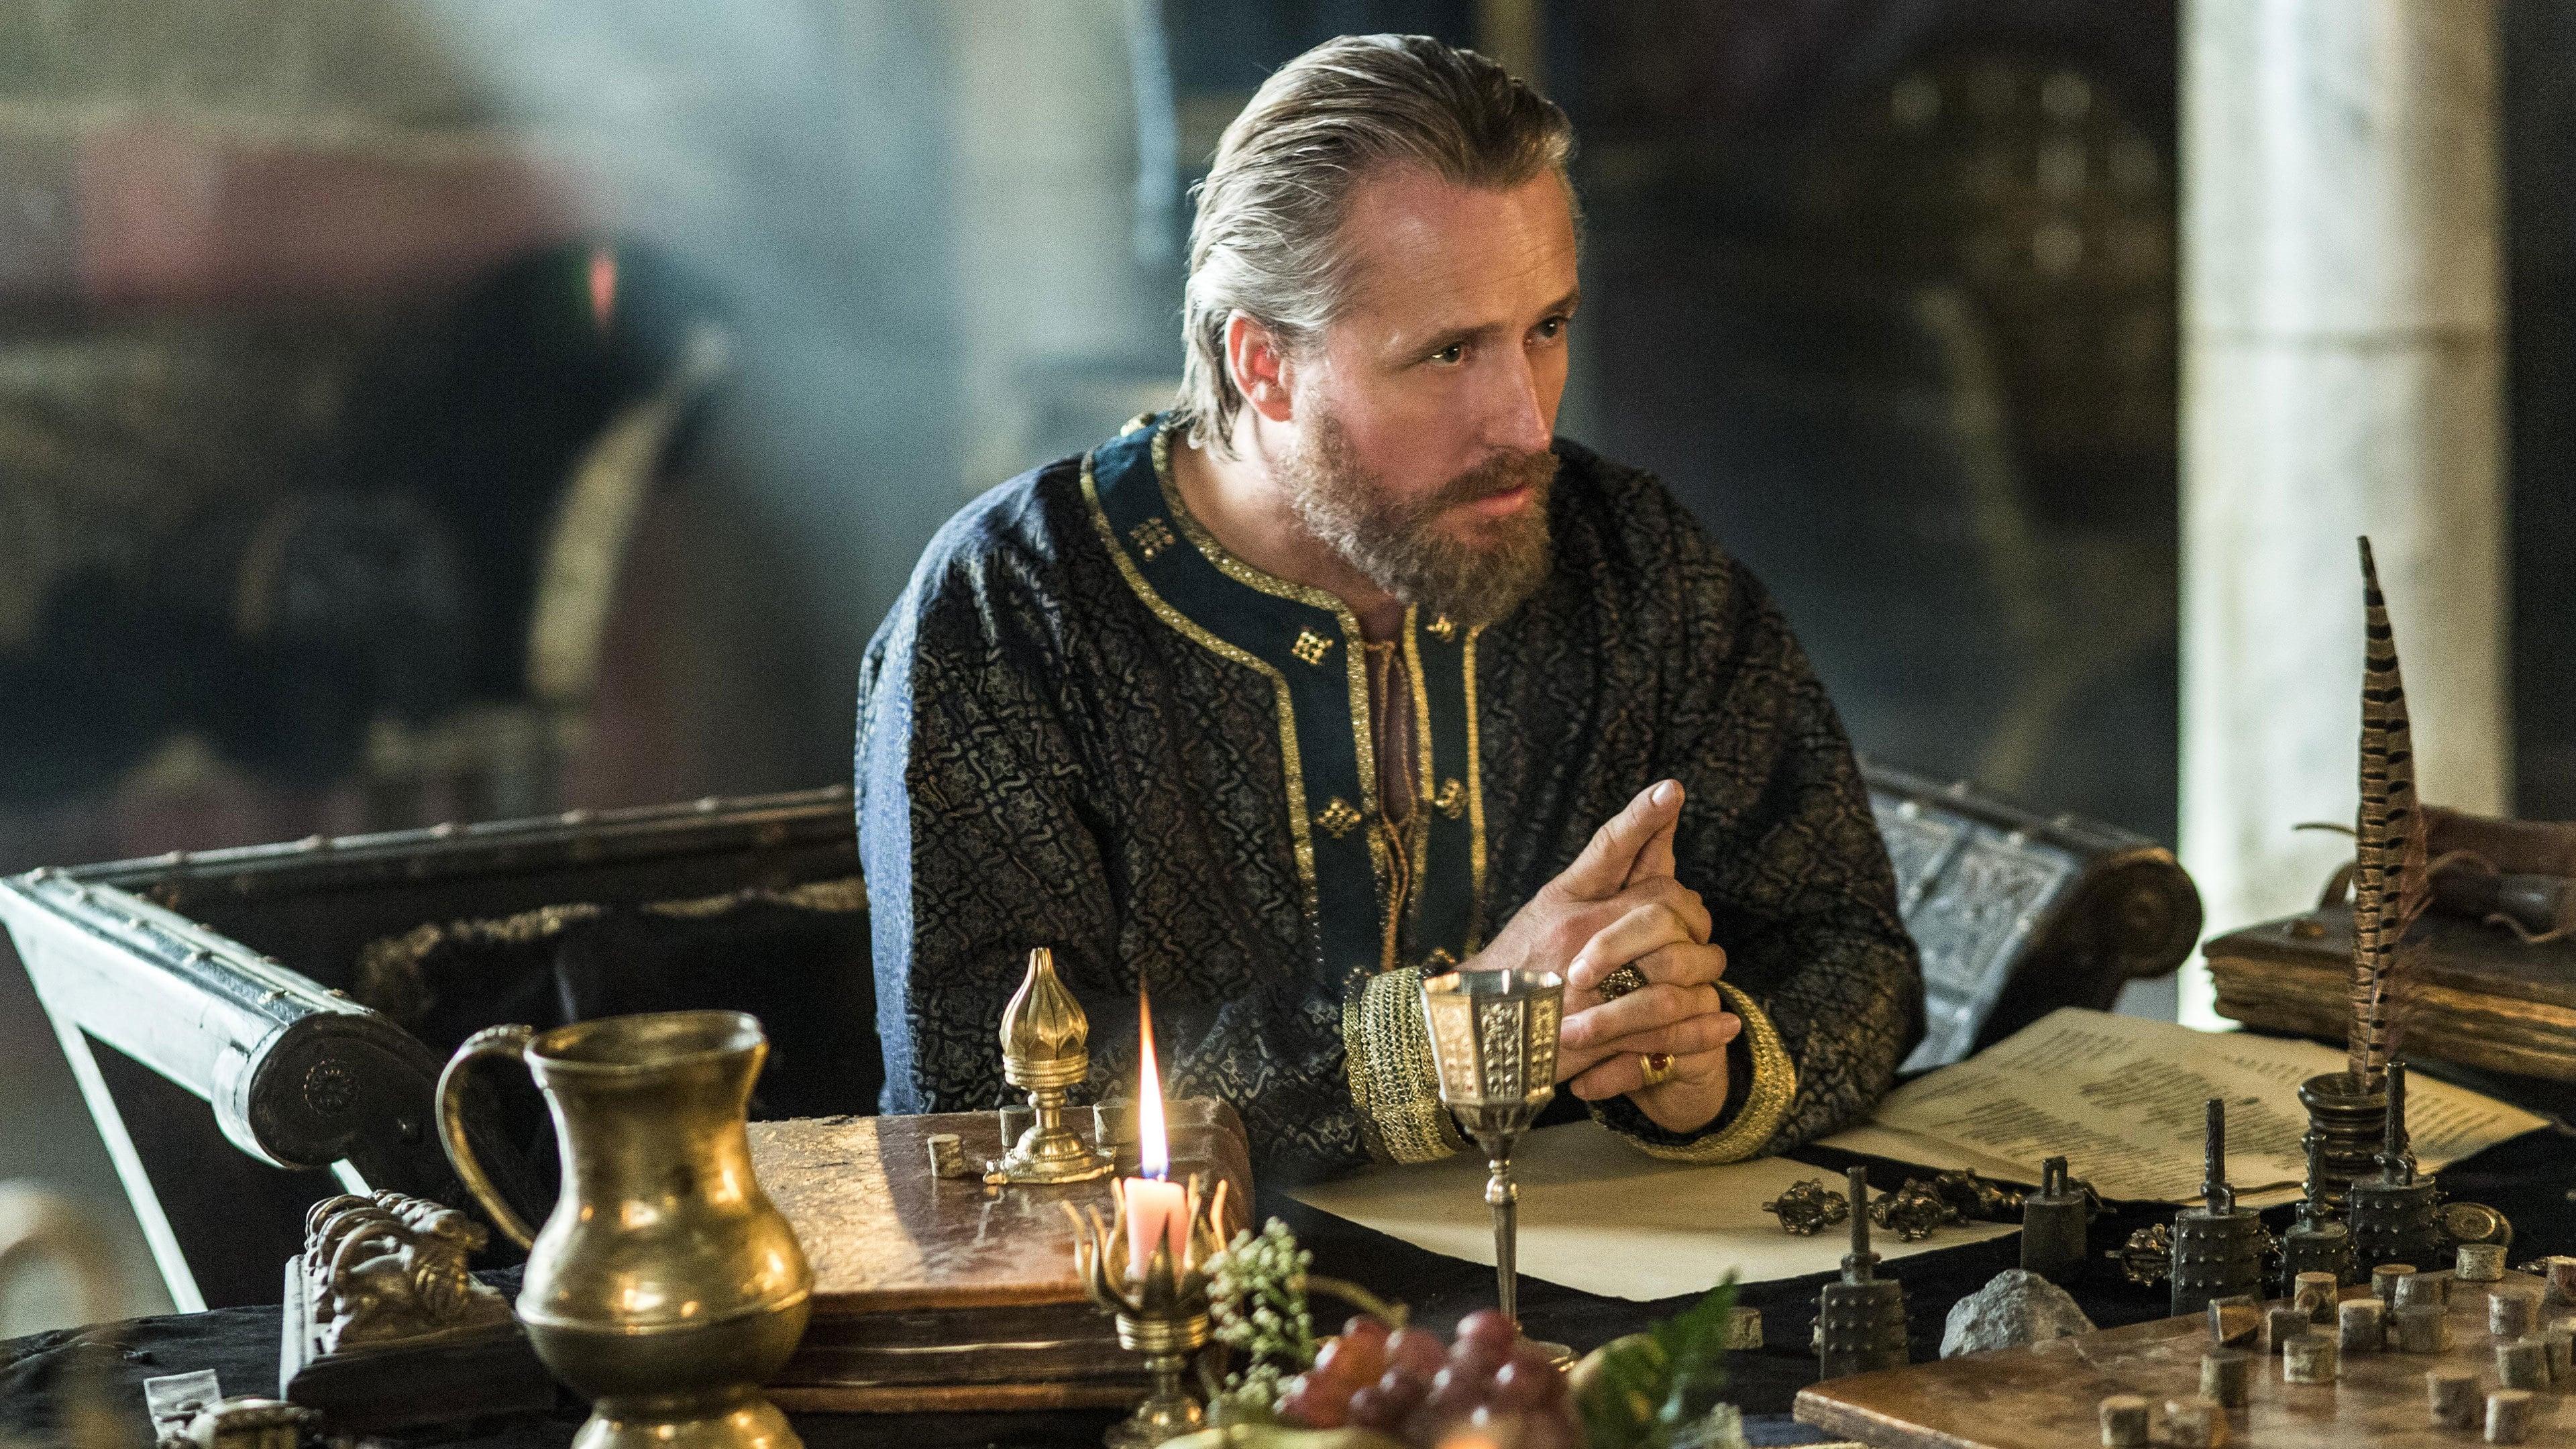 vikings season 2 episode 3 streaming free